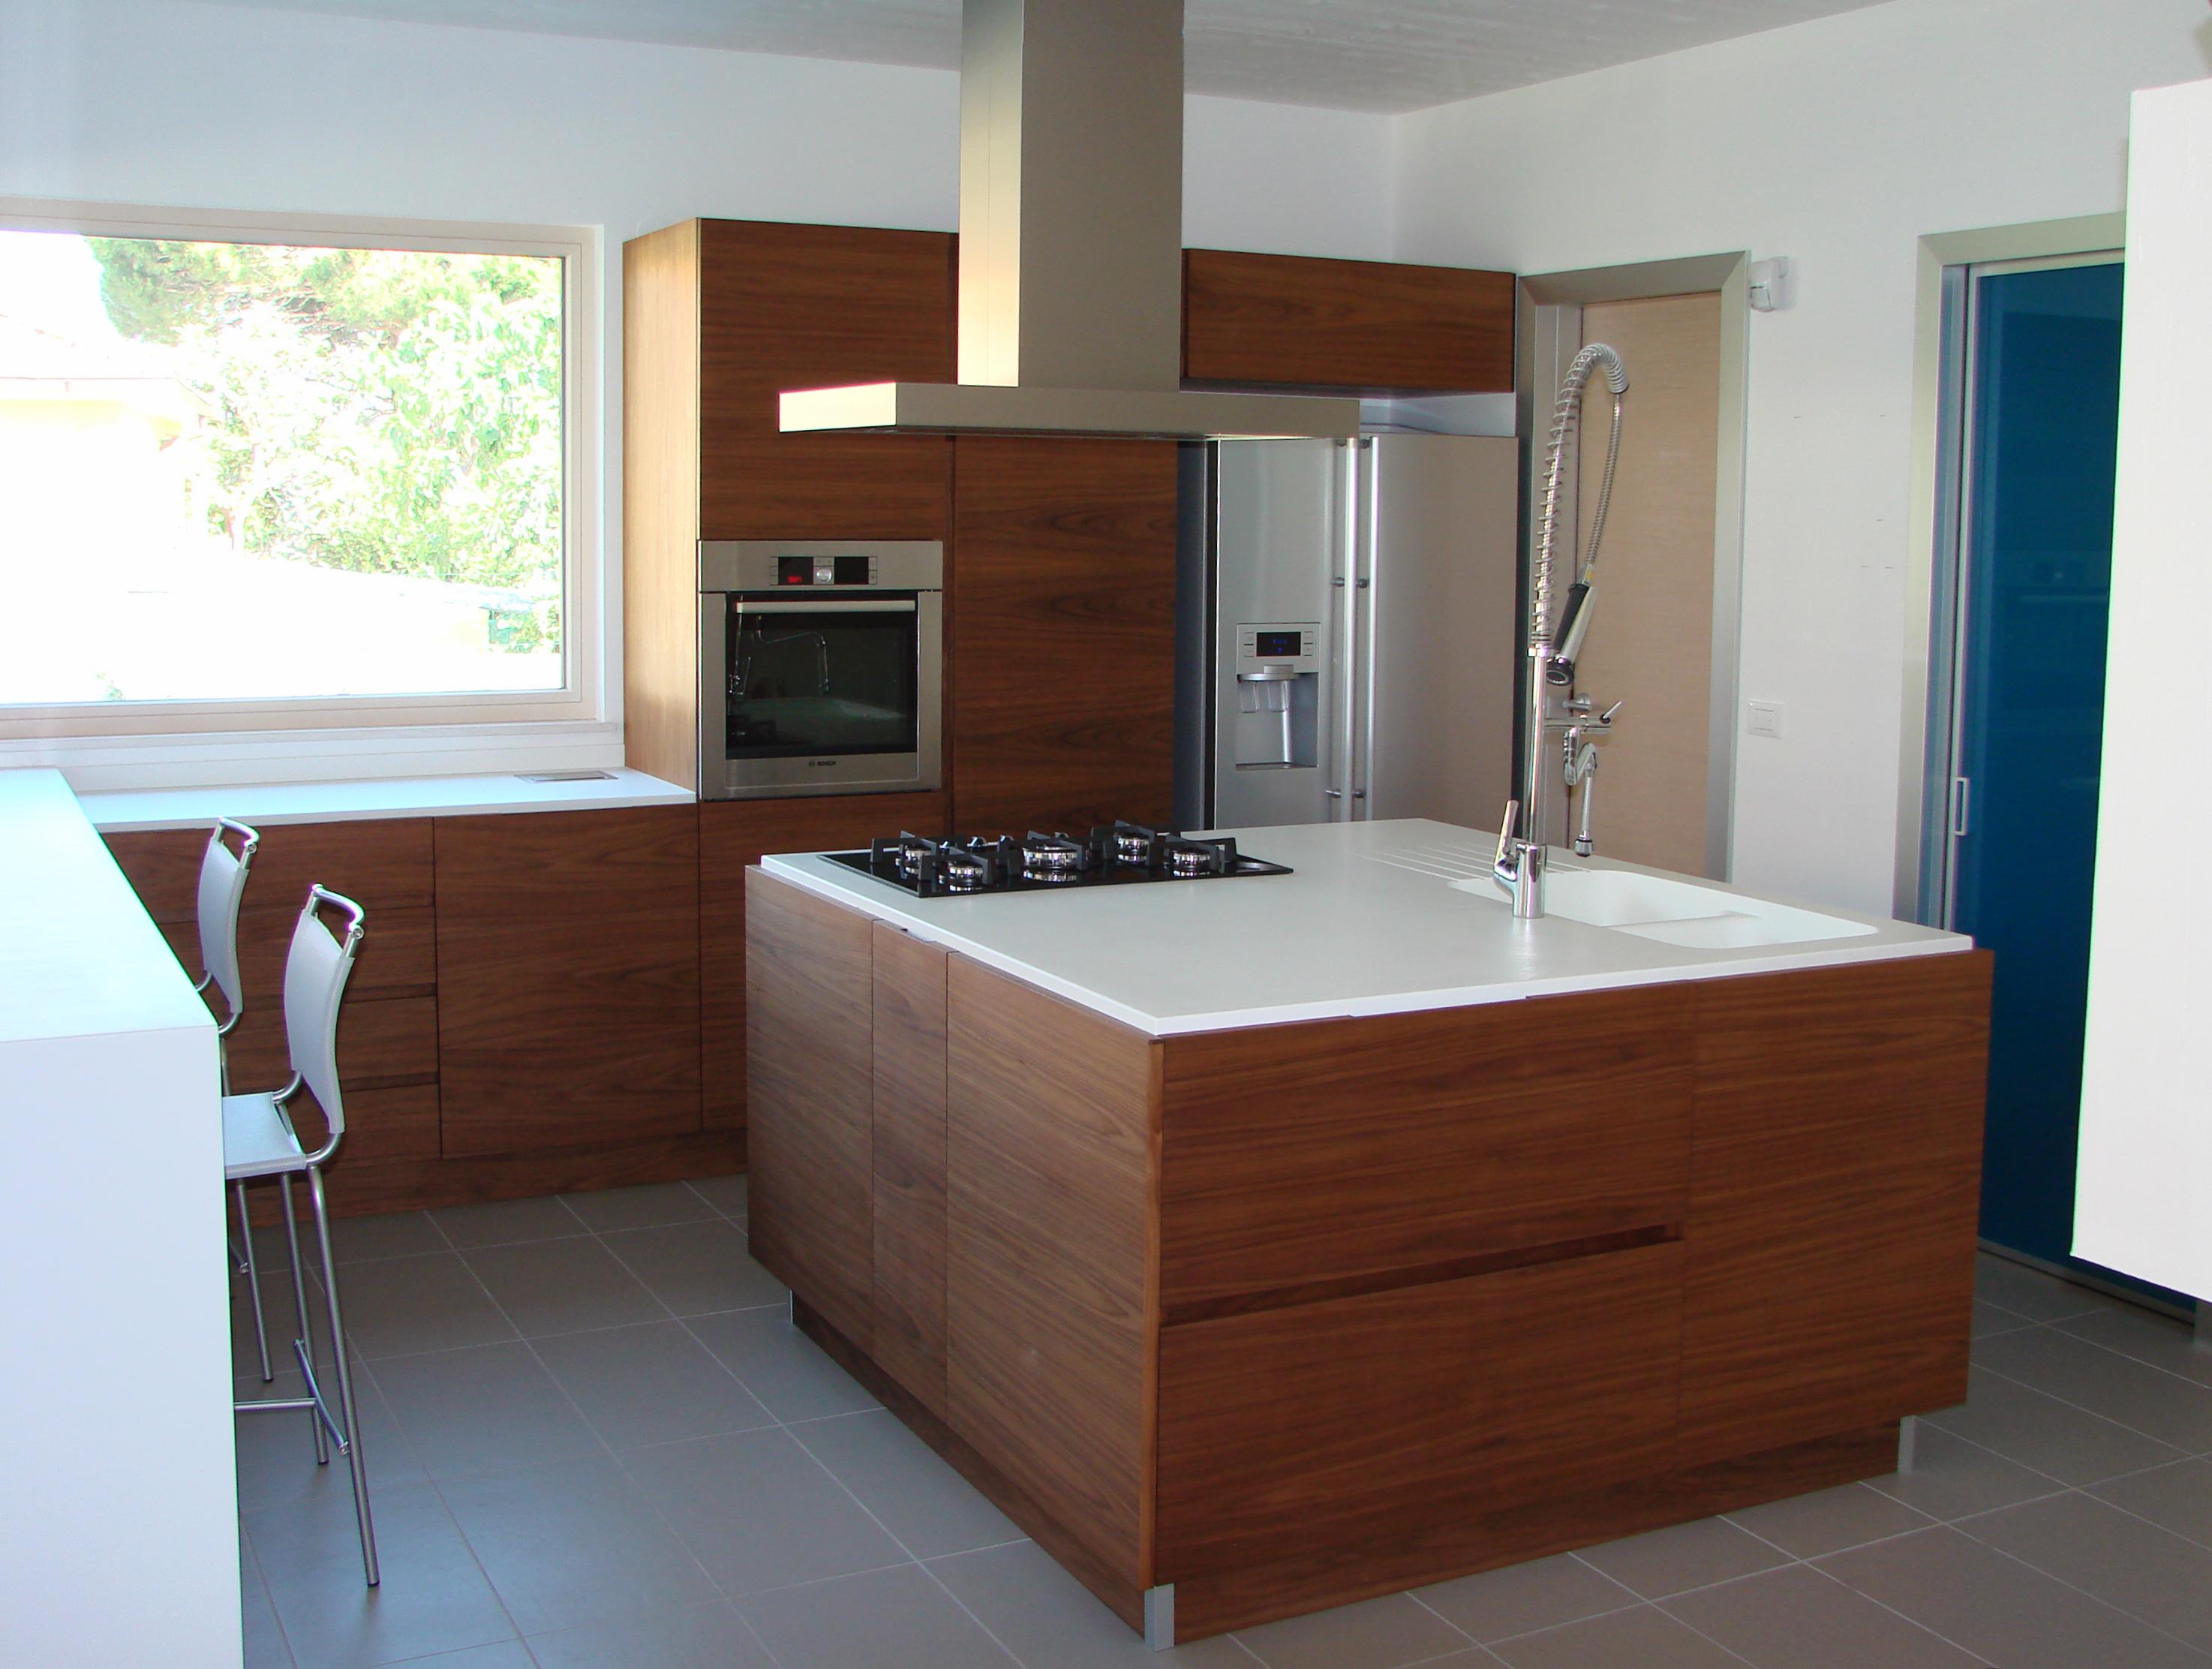 La casa in legno di piero e valentina con i mobili riva 1920il blog di dimensione legno a chieti - Recupero mobili ...